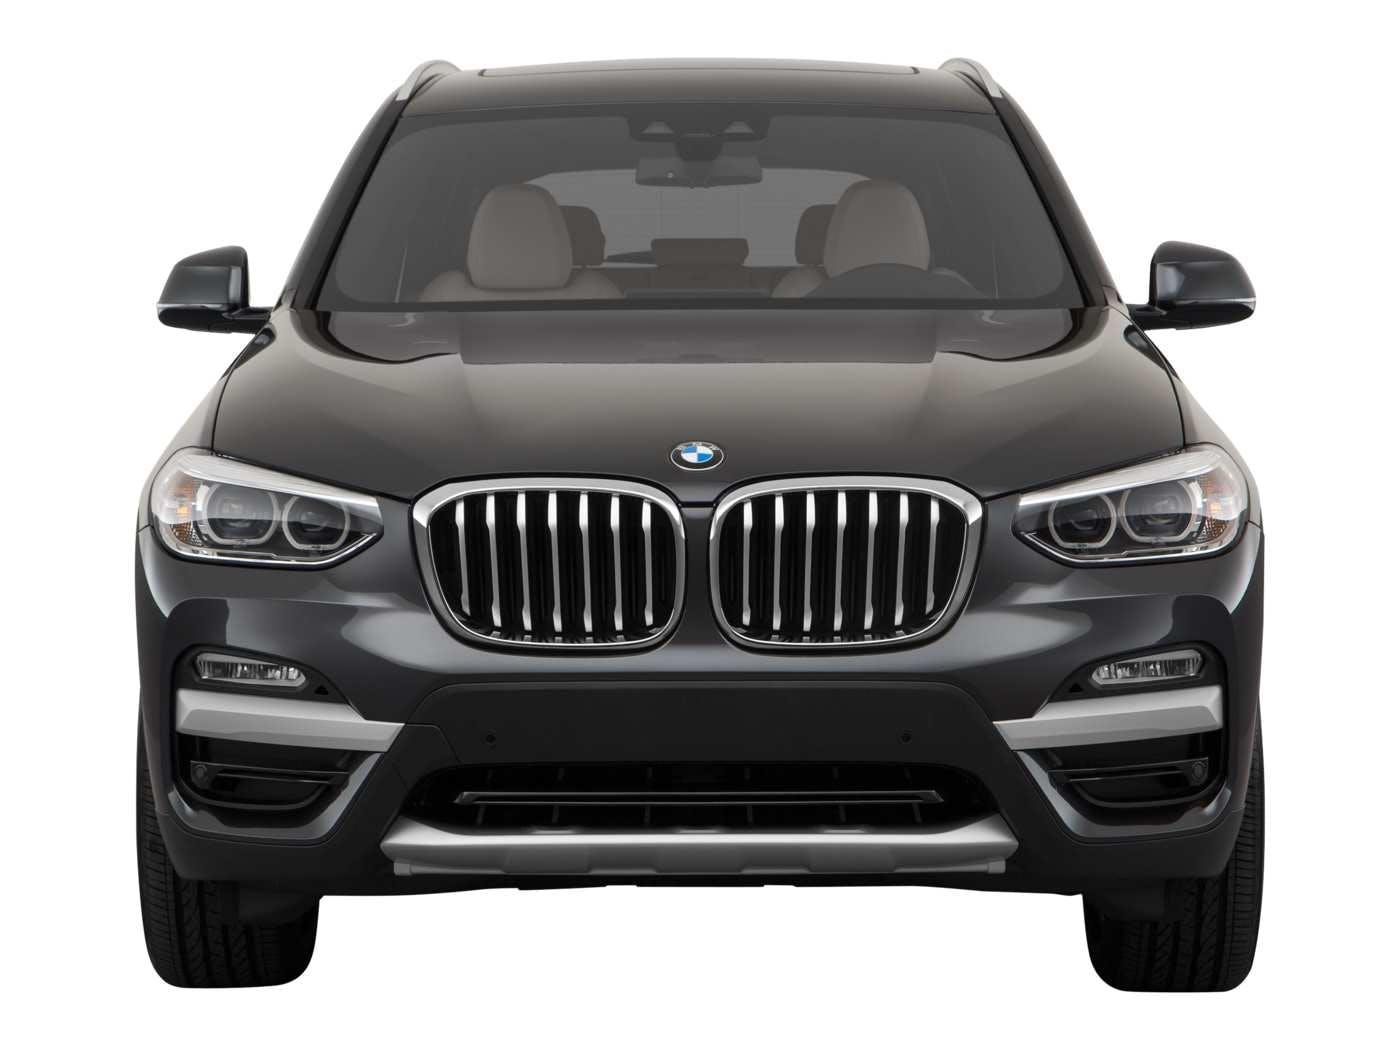 2019 bmw x3 prices, reviews & incentives | truecar